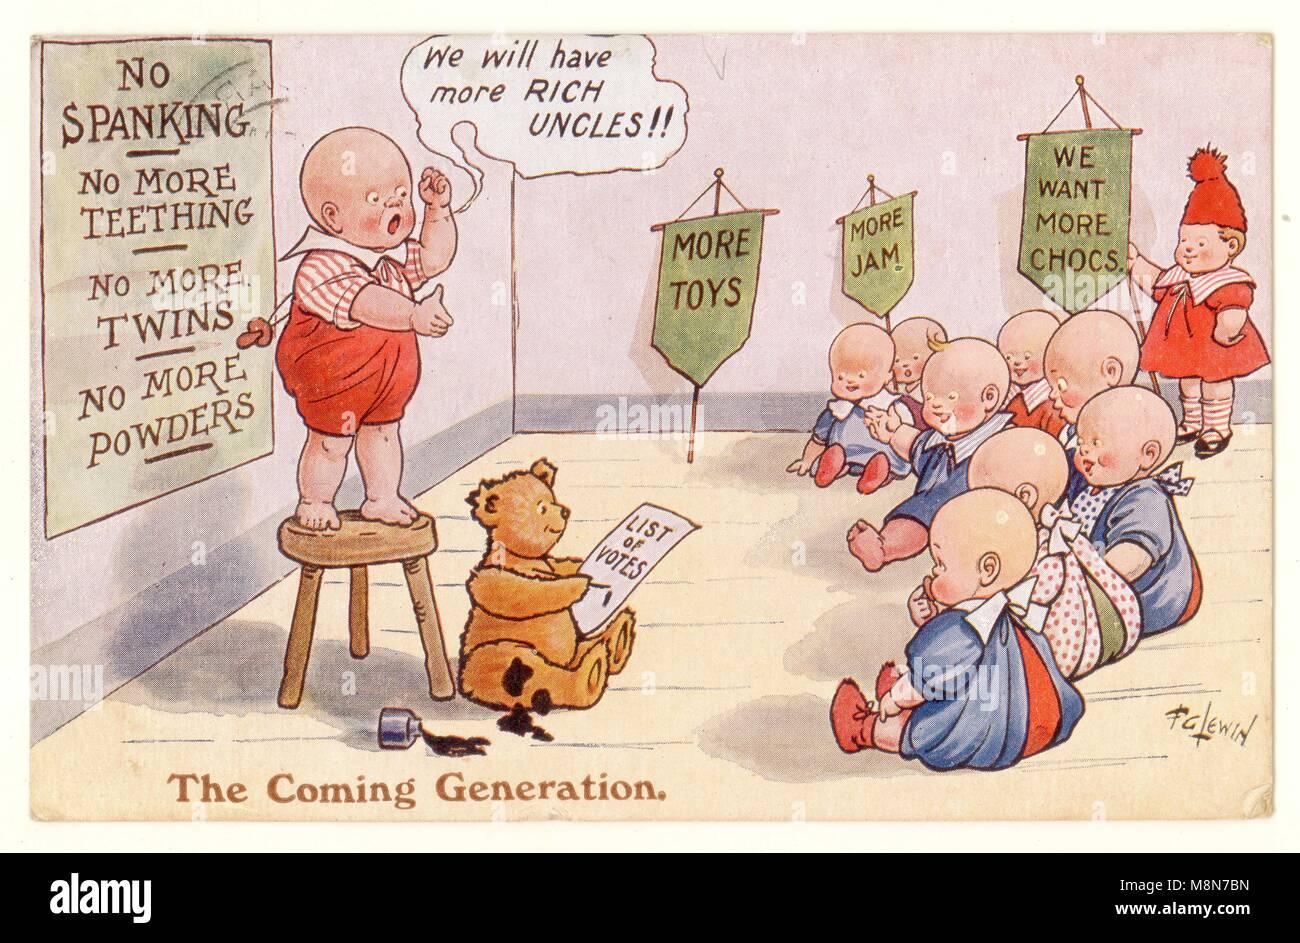 Postal cómica de 1920 - la generación venidera - sobre los niños estropeados con el voto, parece ser un comentario sobre el sufragio - Sello al reverso de la postal fechas esto a posiblemente entre 1924 y 1926.la representación de la Ley del Pueblo de 1928 - dio el mismo sufragio para mujeres y hombres, Con la posibilidad de votar en 21 sin restricciones de propiedad, Reino Unido Foto de stock